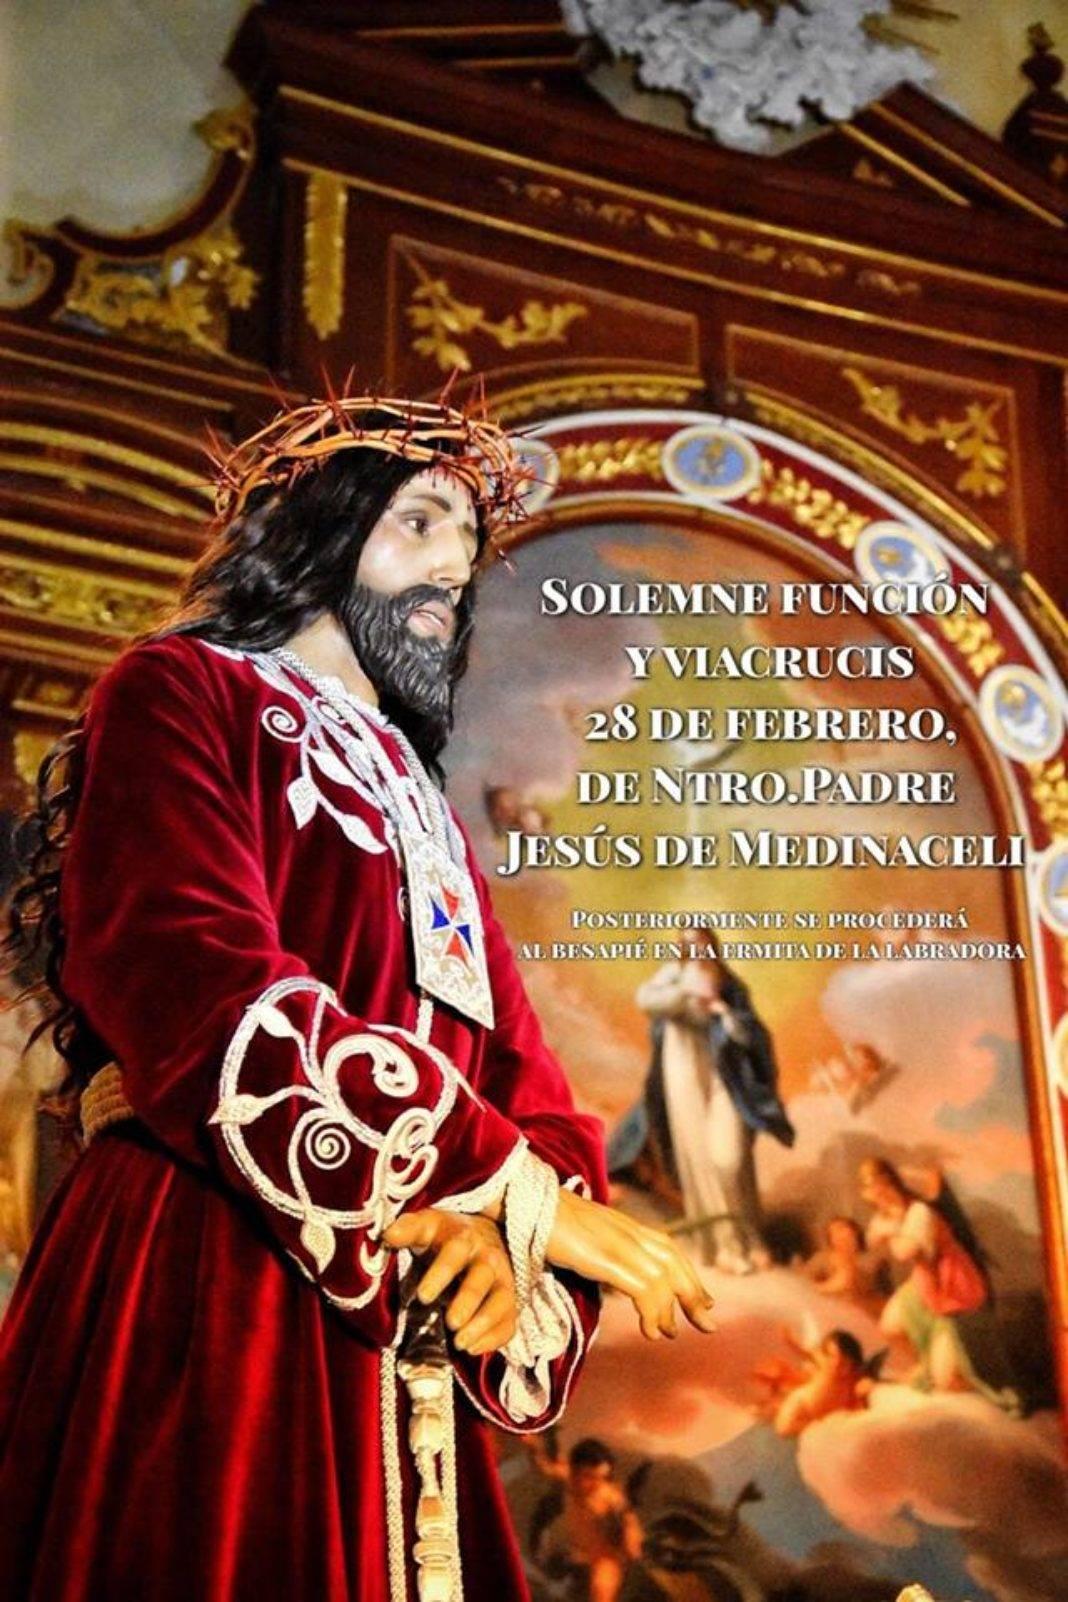 Herencia celebra el vía crucis de Jesús de Medinaceli el jueves 28 de febrero 4